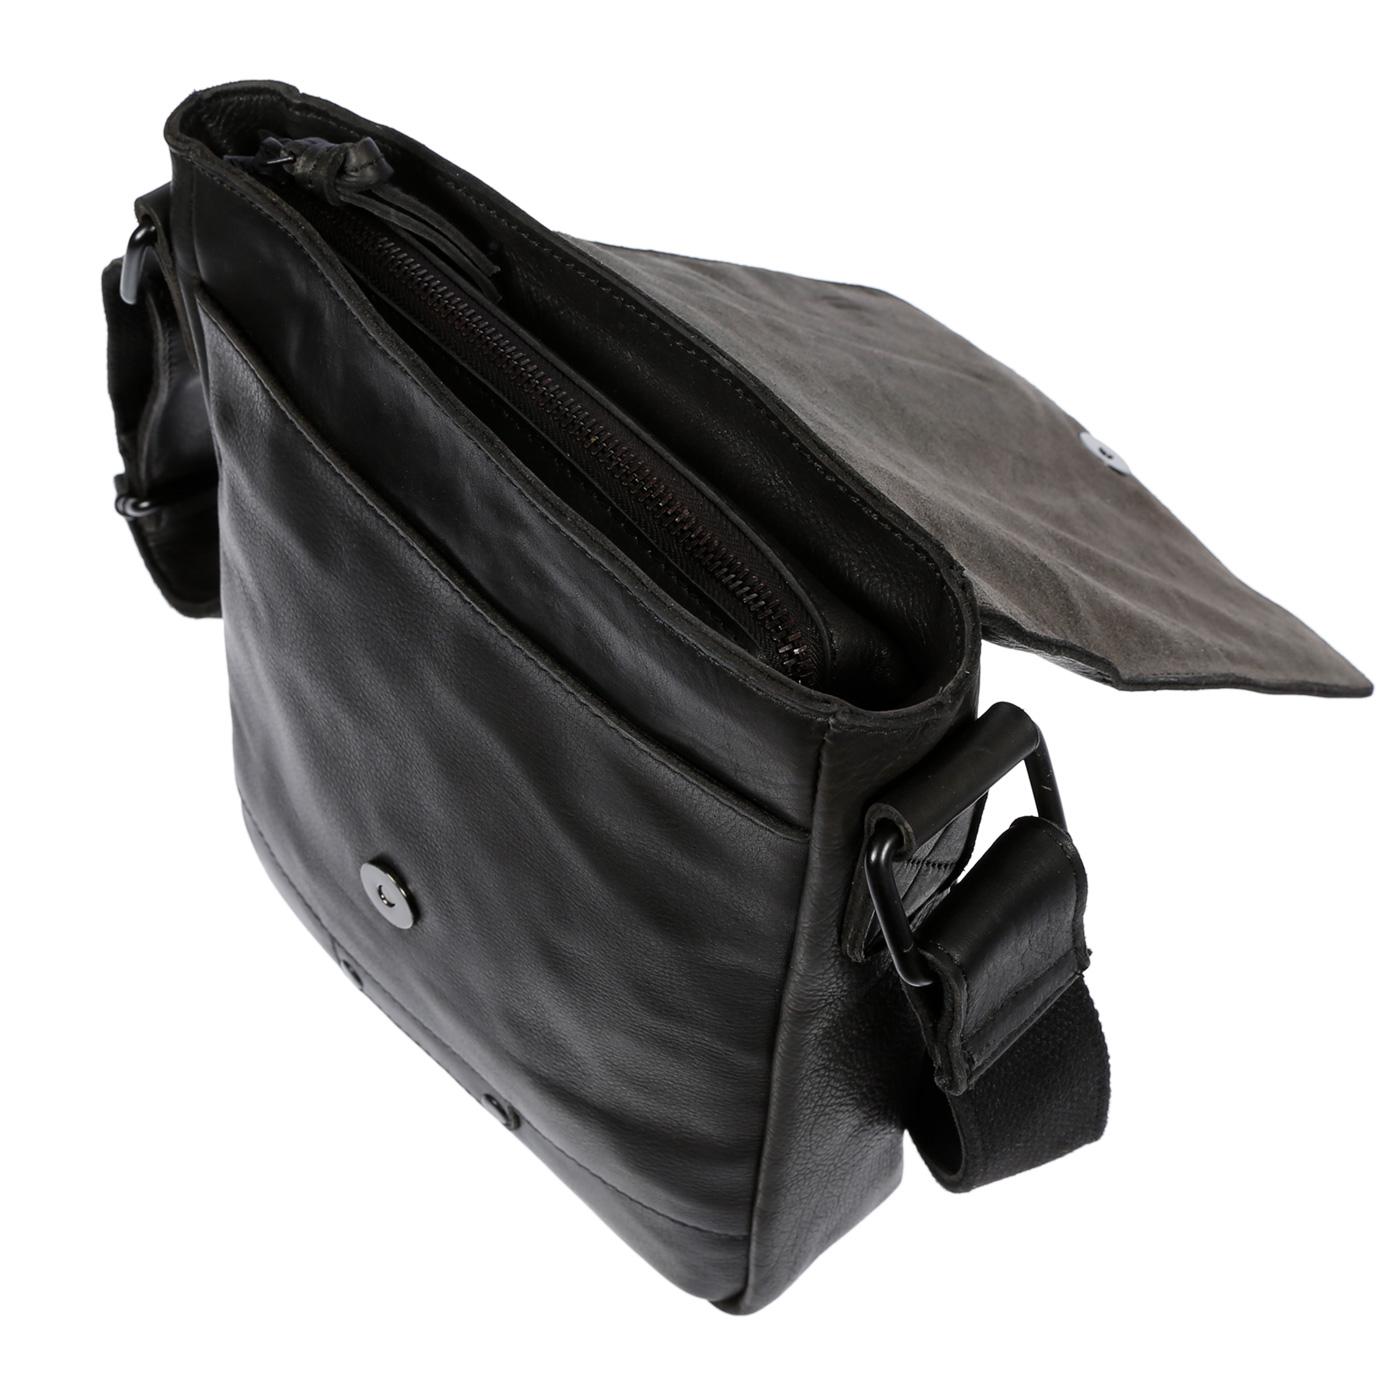 Echt-Leder-Herren-Damen-Umhaengetasche-Tasche-RFID-Schutz-Schultertasche-Umhaenger Indexbild 22